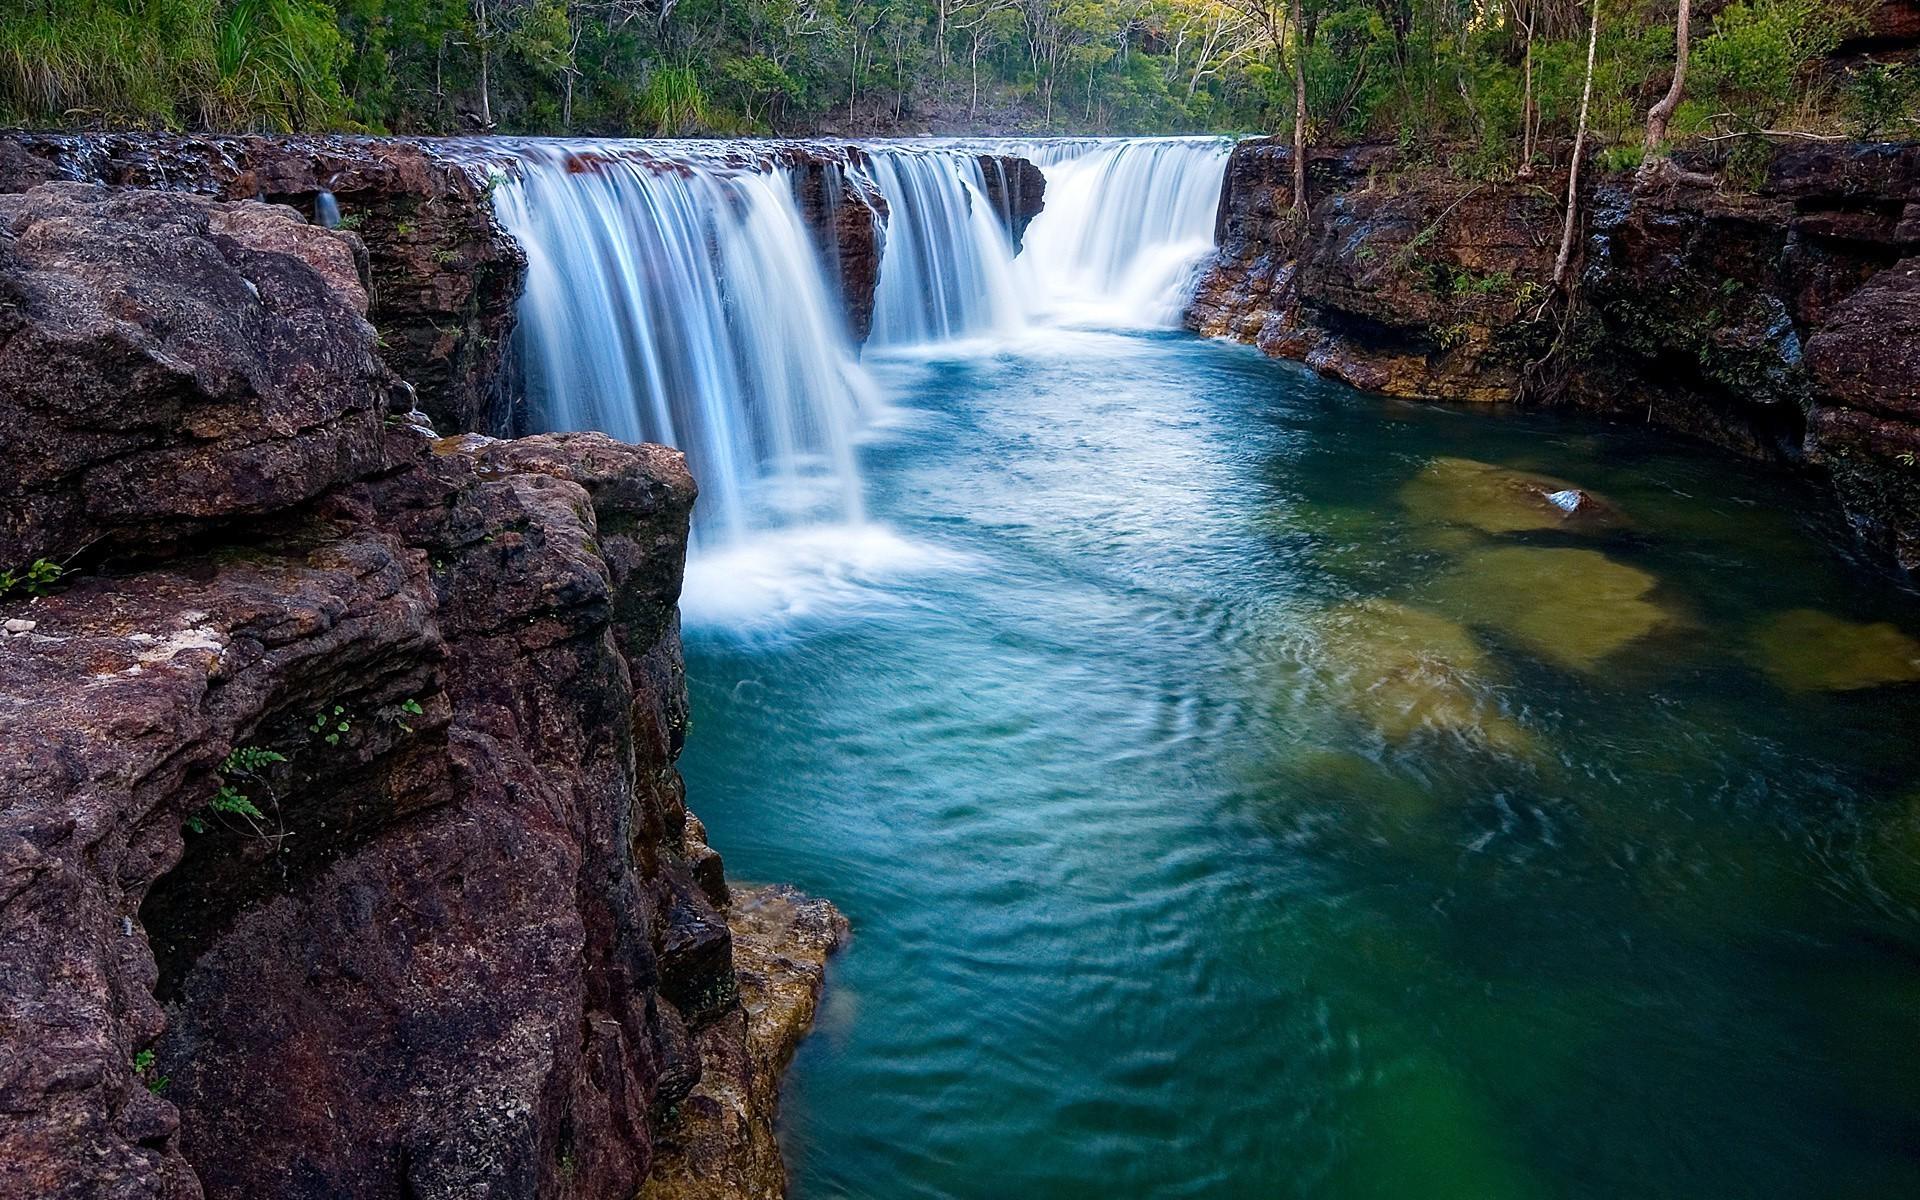 составляют картинки живые водопады красивые на рабочий стол тоже своеобразный